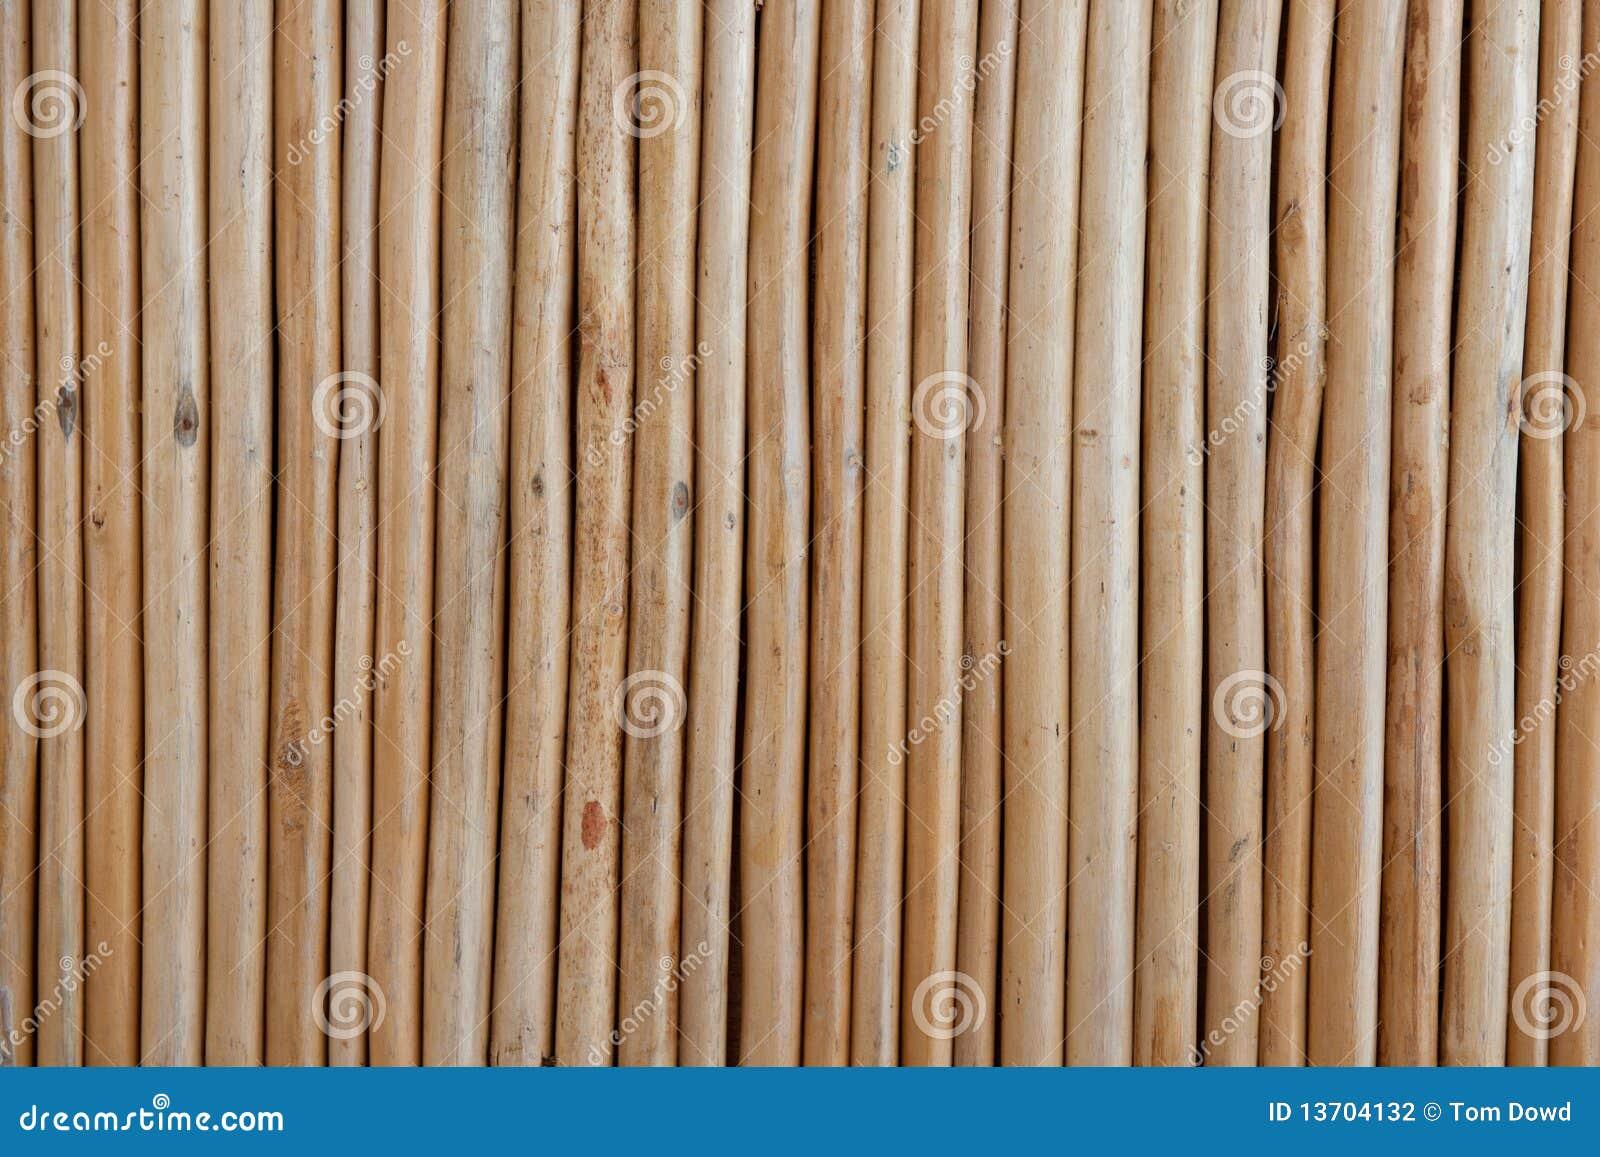 Barras de madera fotograf a de archivo imagen 13704132 - Barras de madera ...